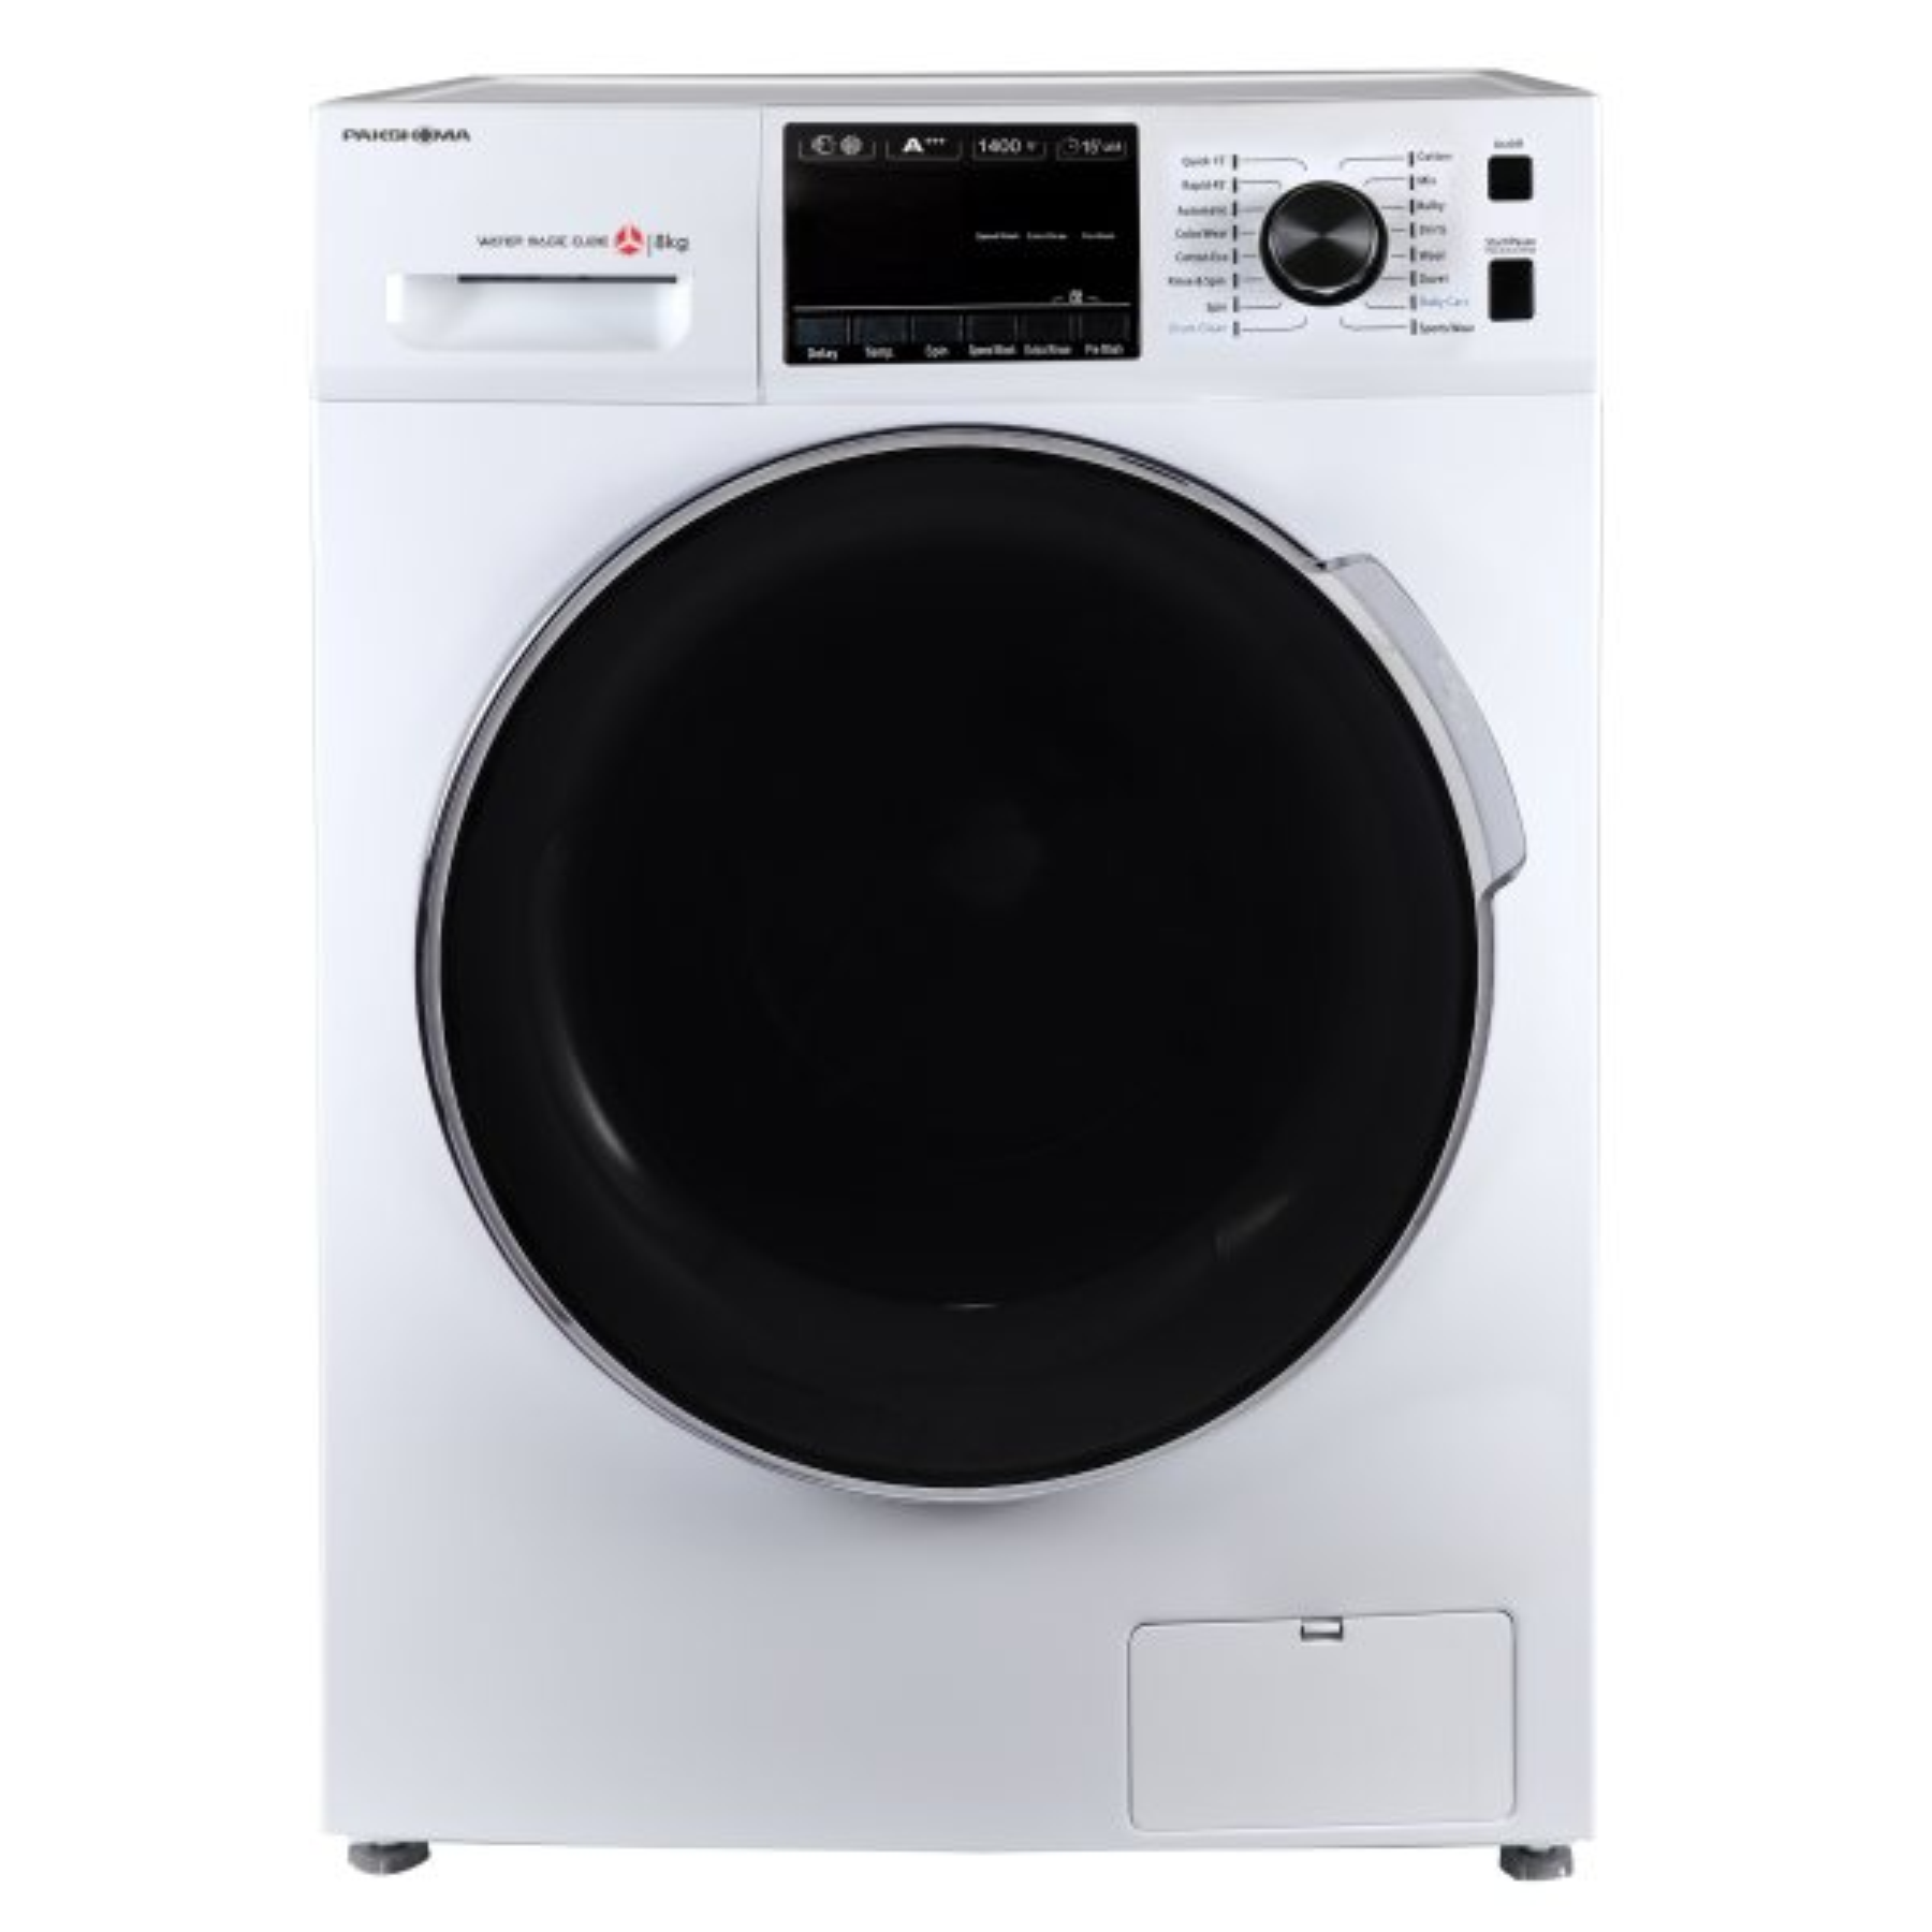 ماشین لباسشویی پاکشوما مدل  TFU-84407 ظرفیت 8 کیلوگرم